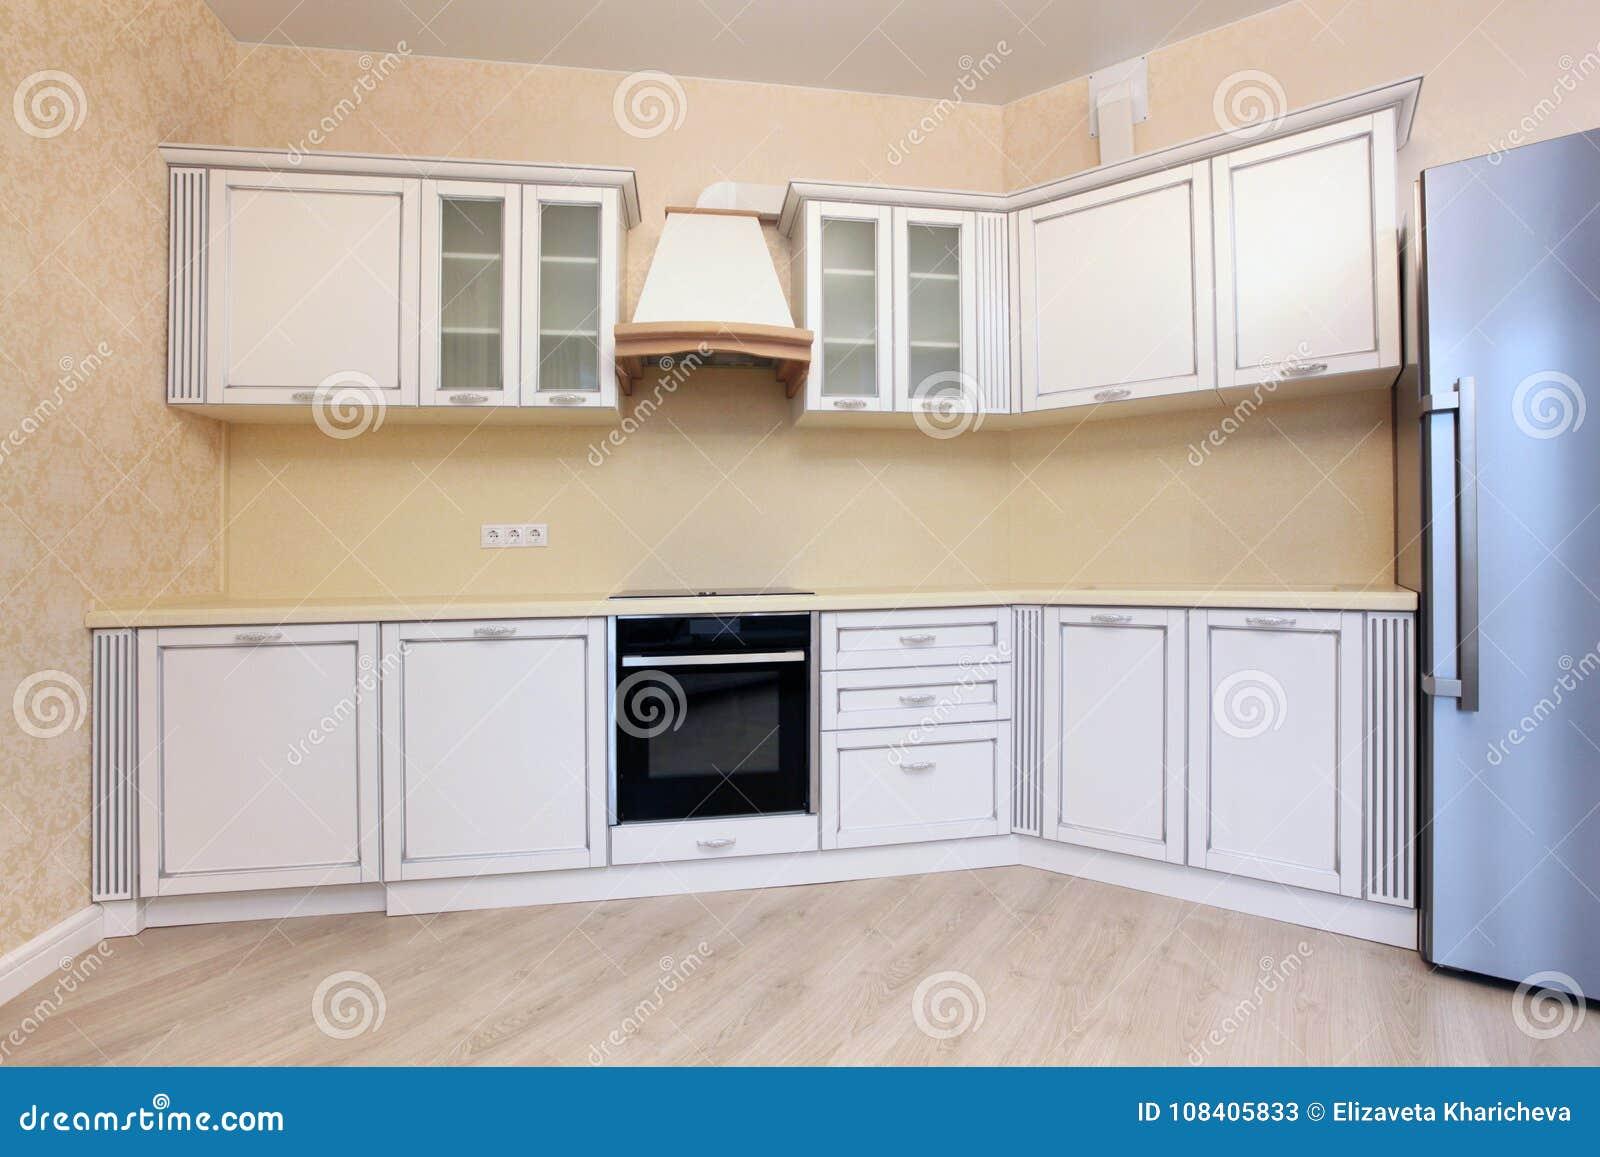 Угловые яркие кухня и холодильник